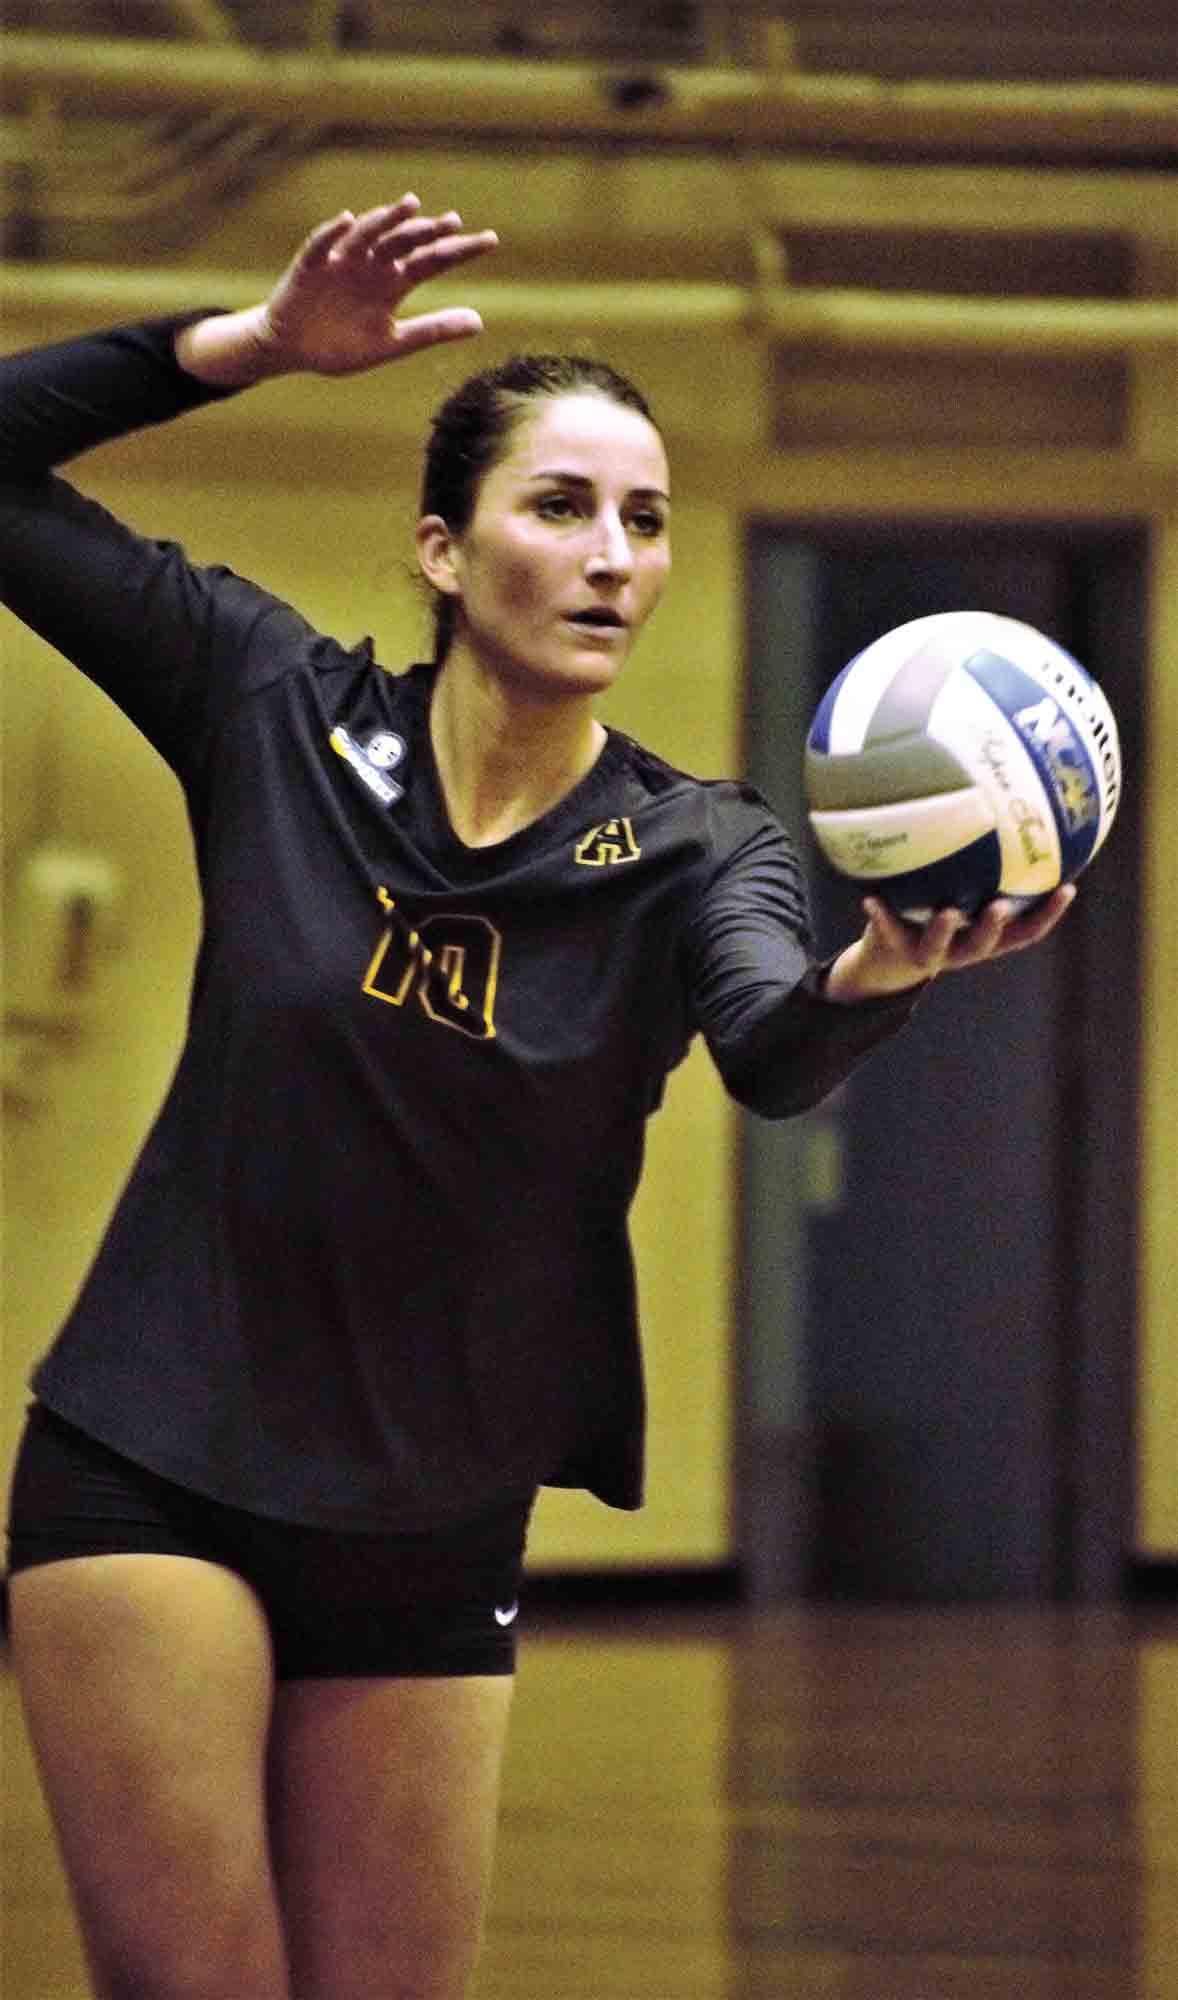 Senior transfer setter Becky Porter prepares to serve the ball.